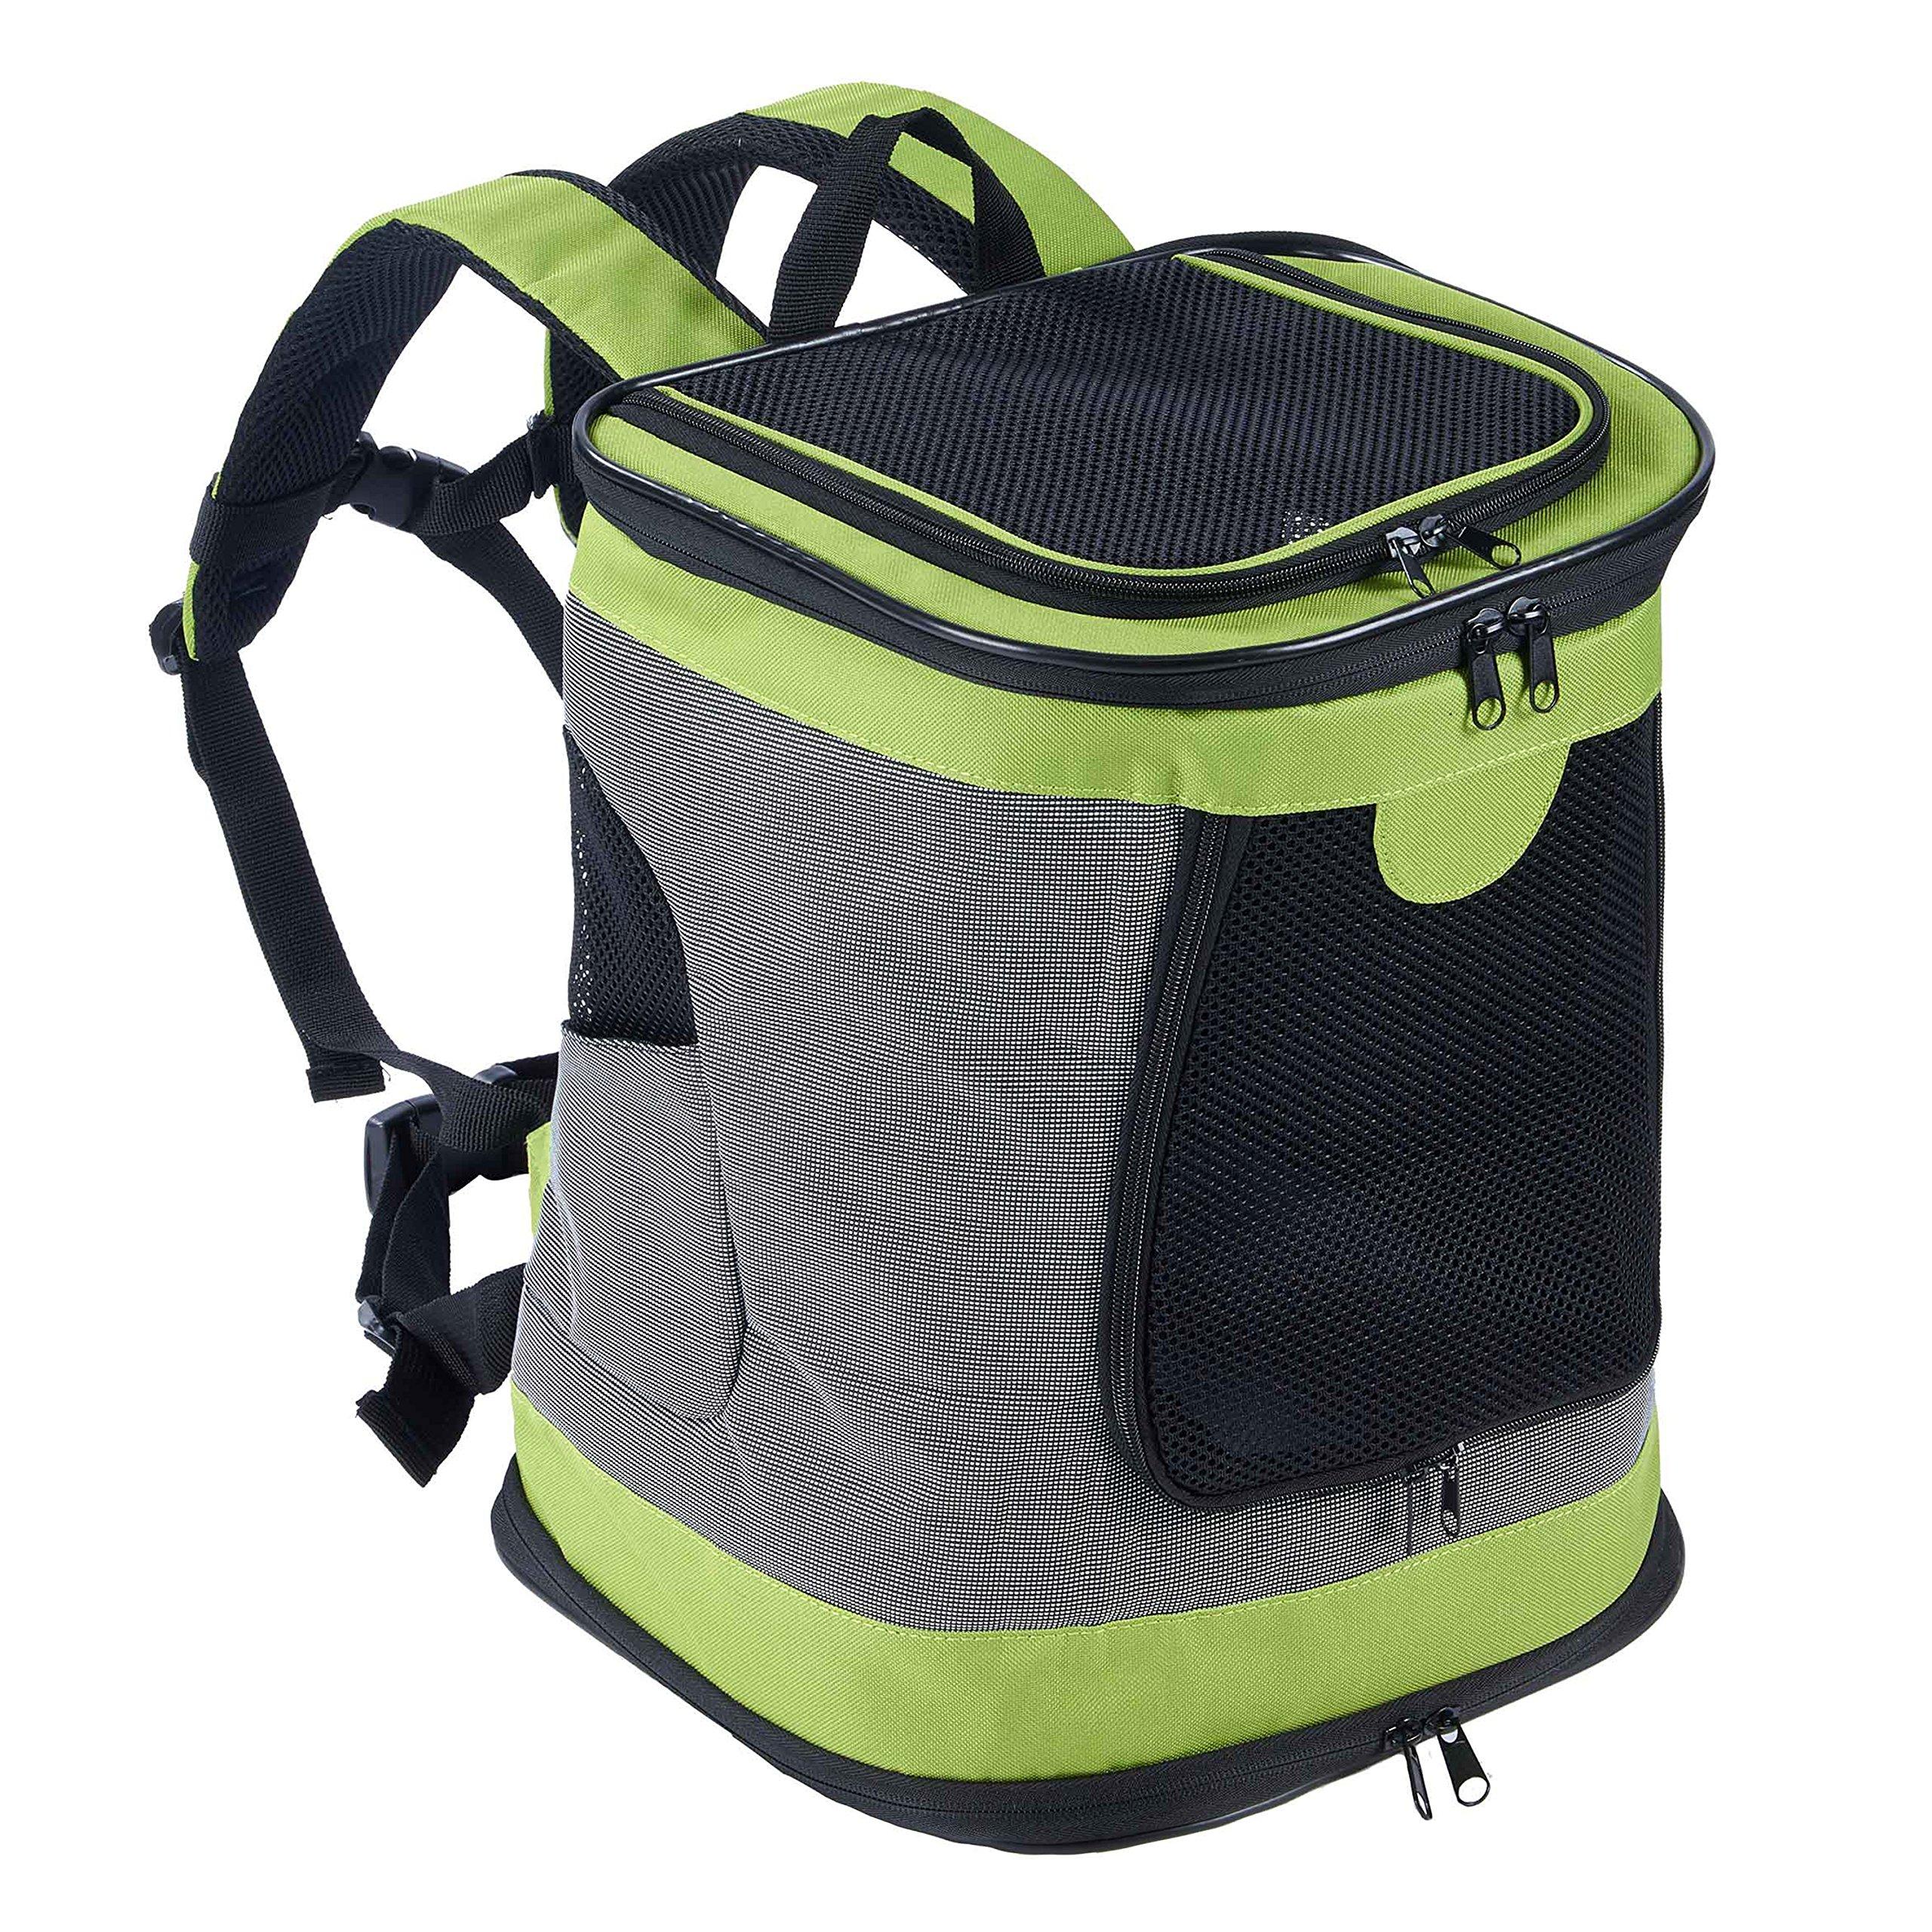 Pettom Pet Backpack Soft Sided Carrier Cat Dog Shoulder Bag Backpack for Pets Outdoor Travel (Green)